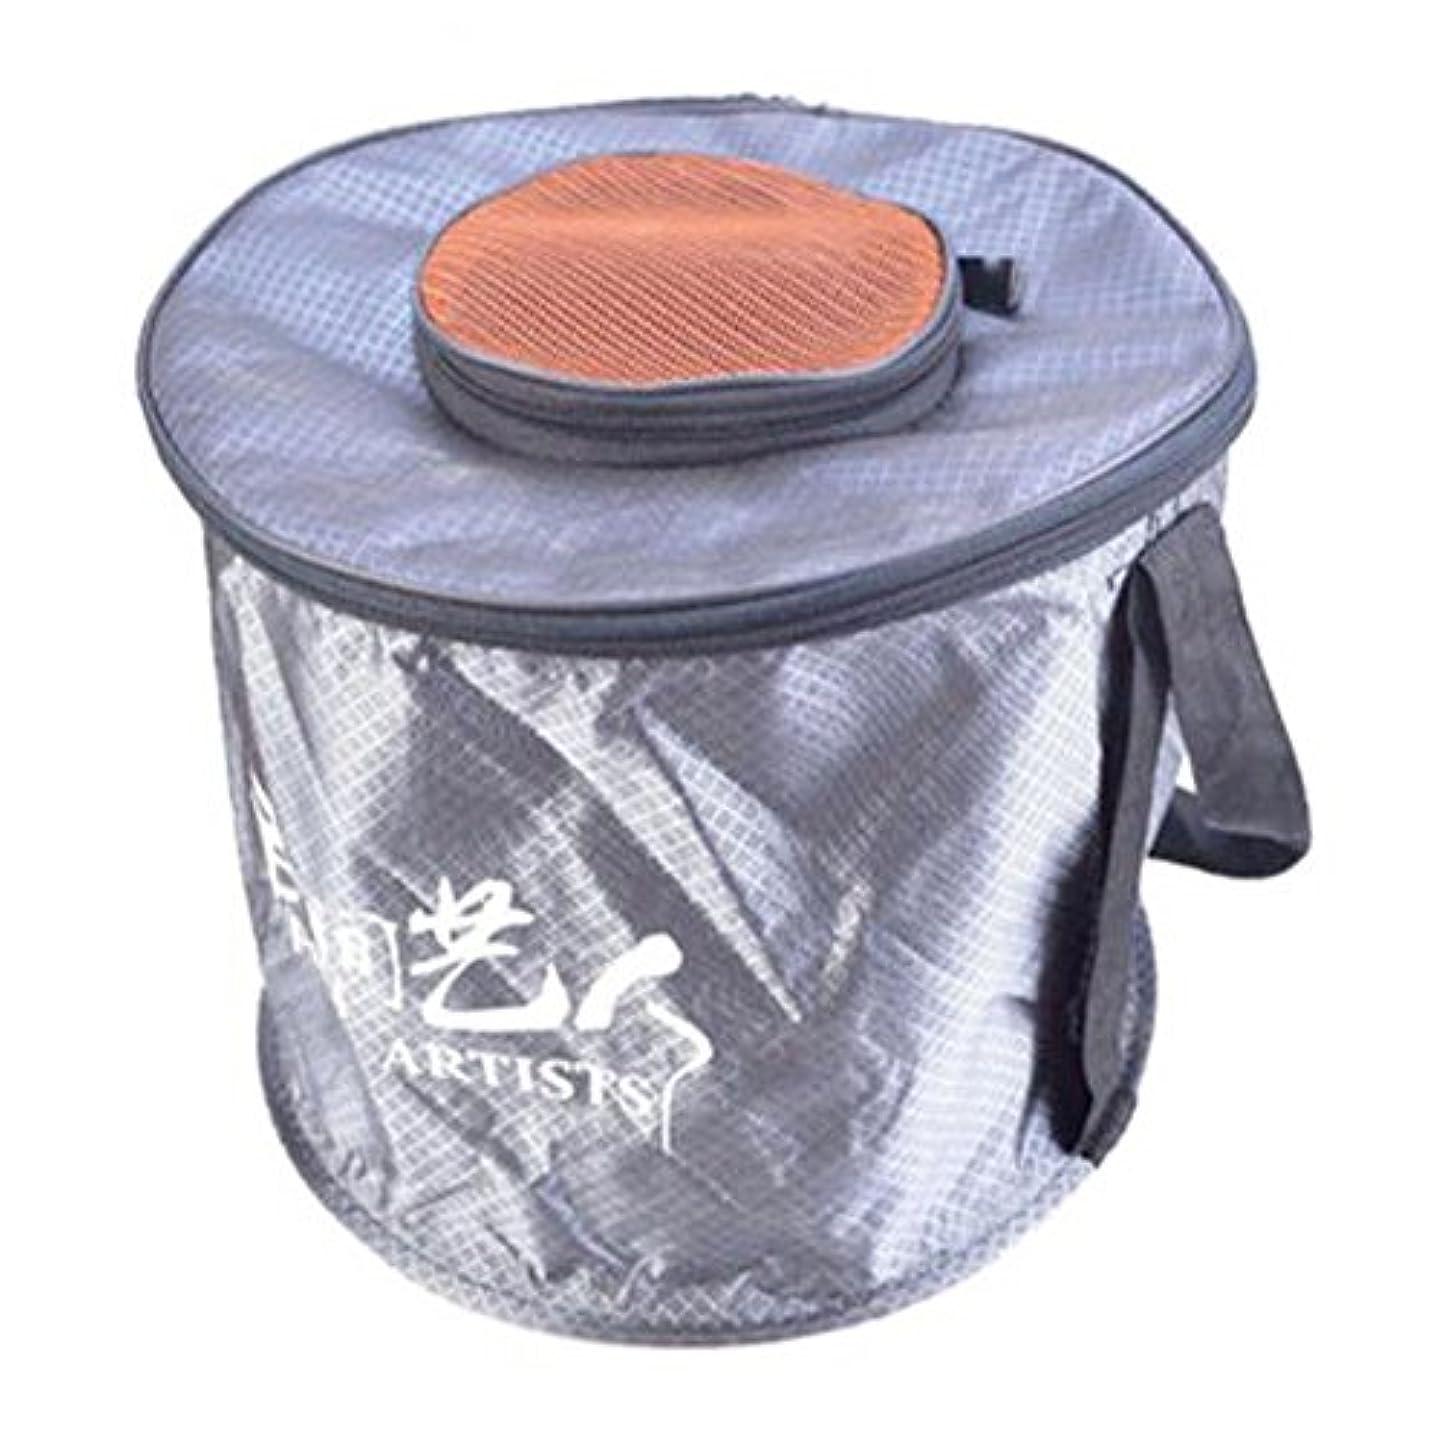 コンパイル機会ランデブーポータブル旅行Wash Foldingバケット多機能折りたたみ可能なbucket-07